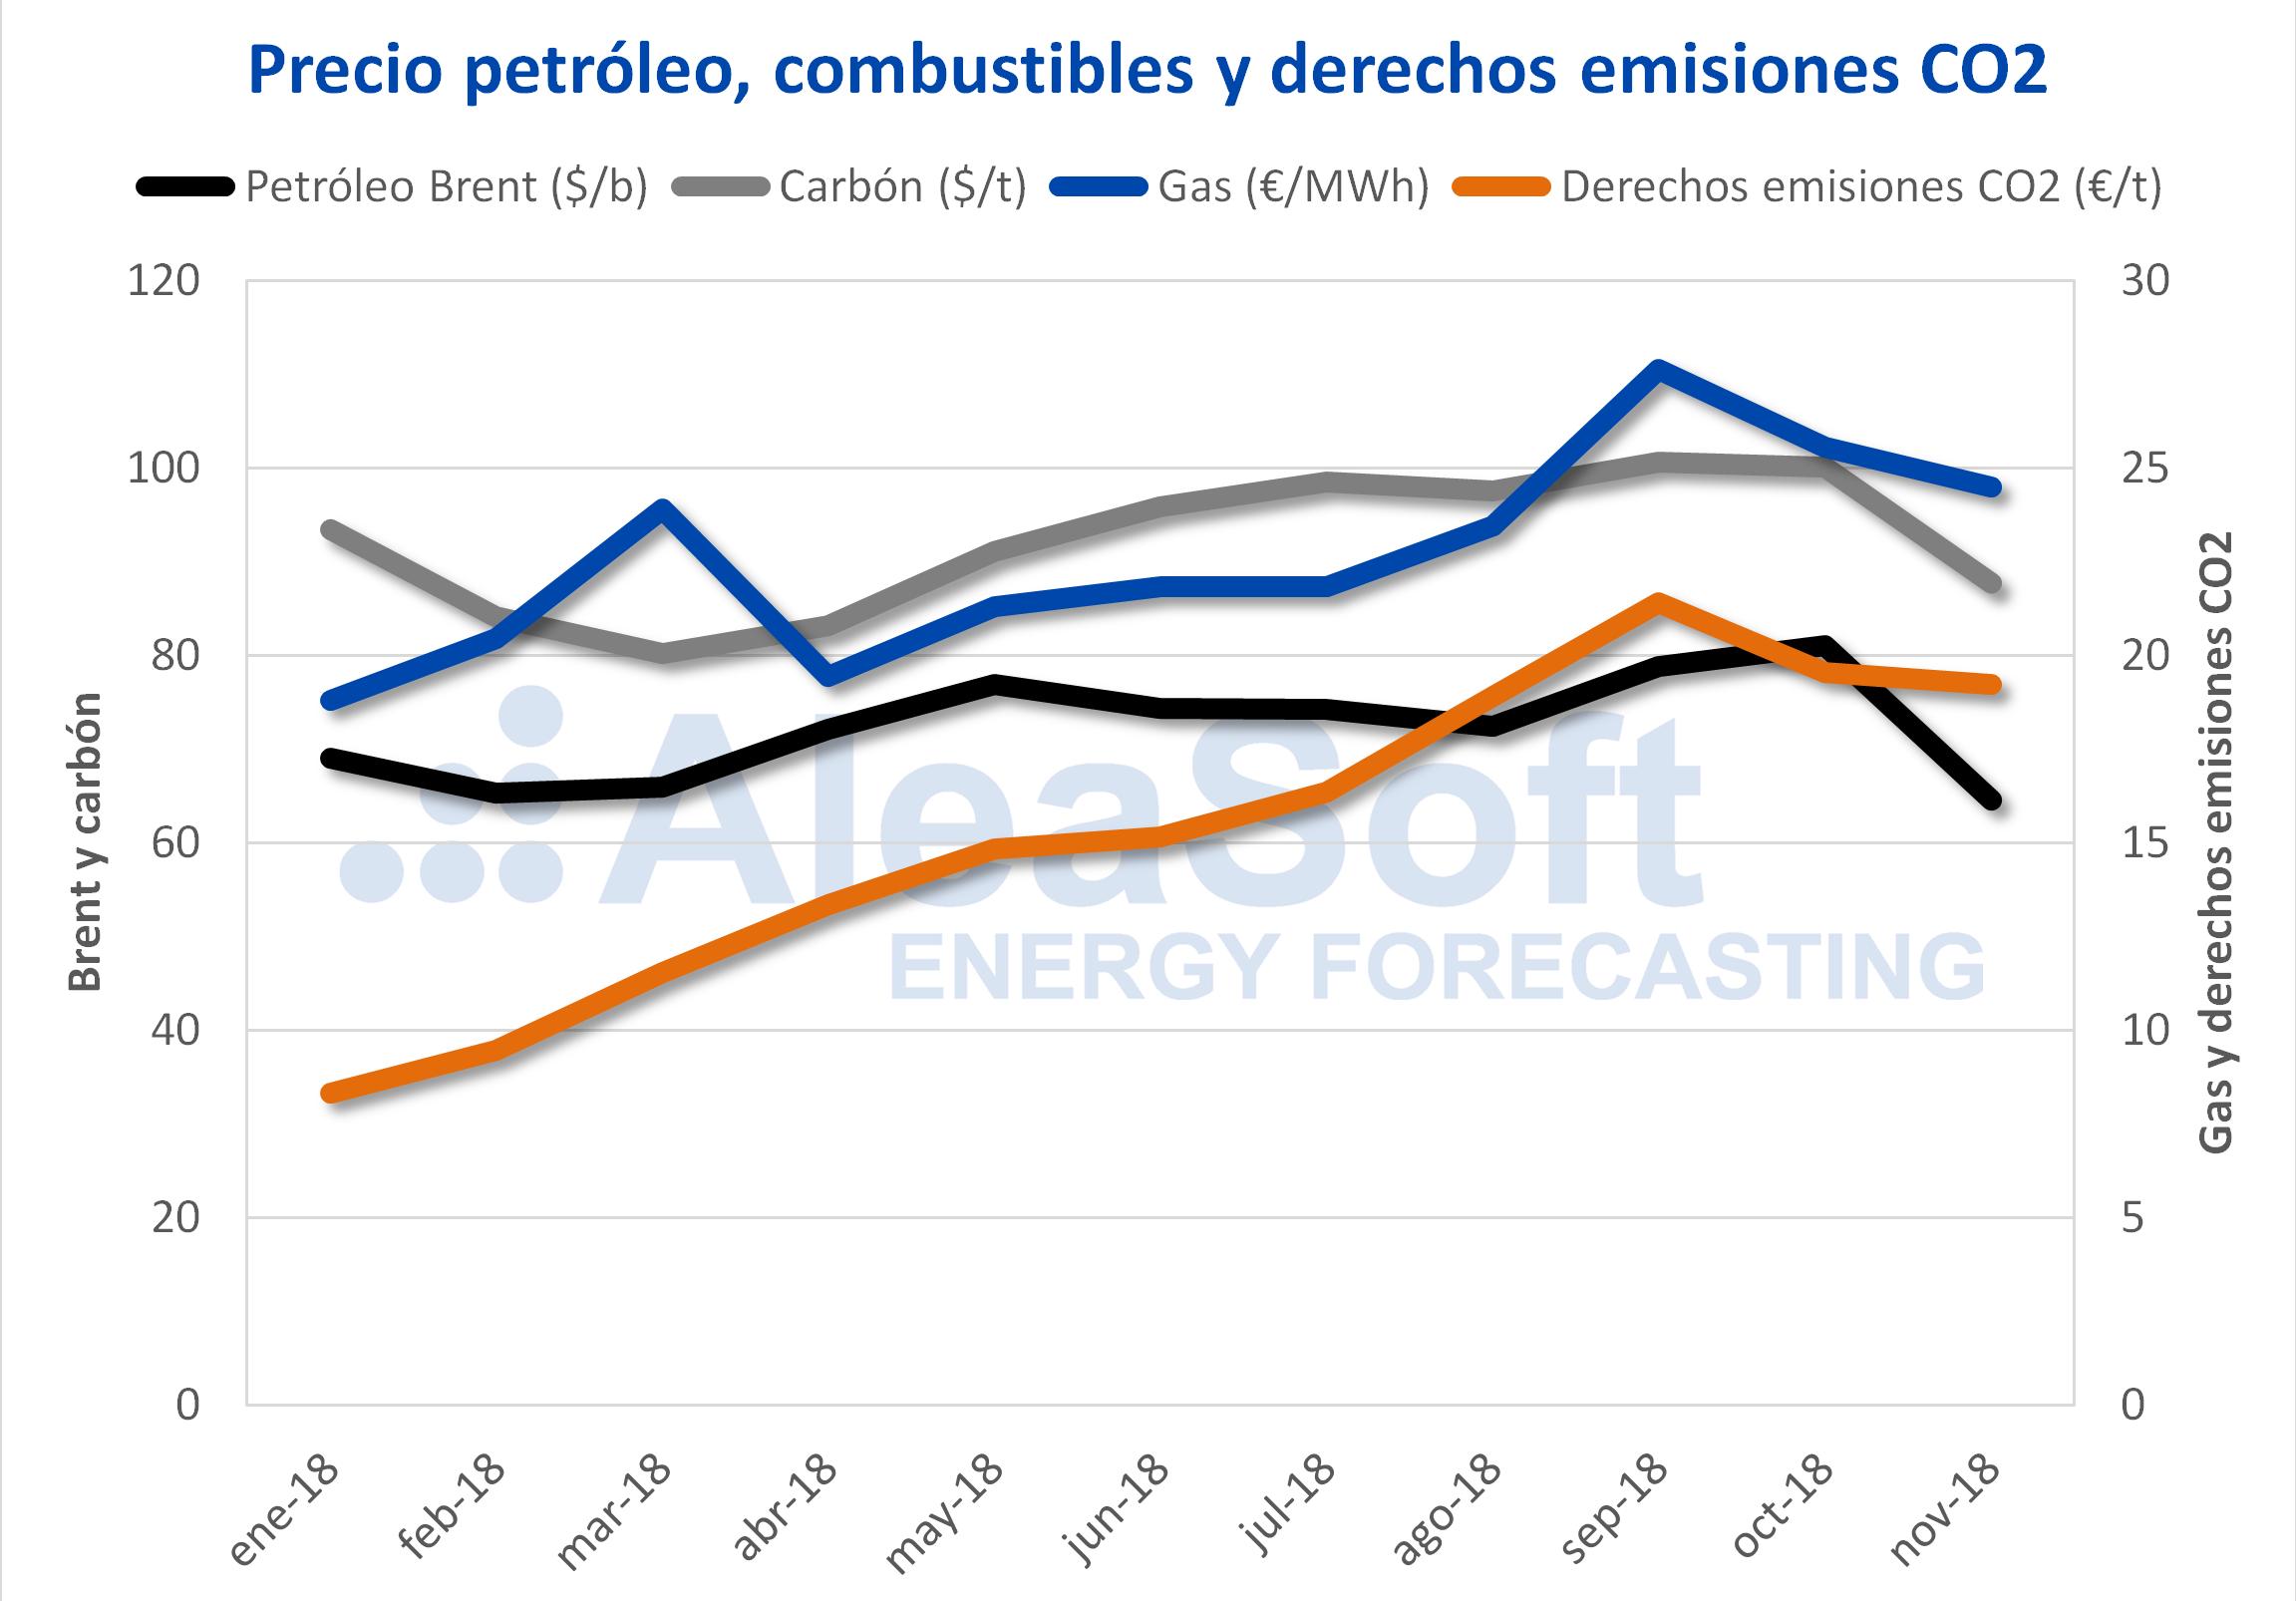 AleaSoft - Precio de petróleo, combustibles y derechos de emisiones de CO2